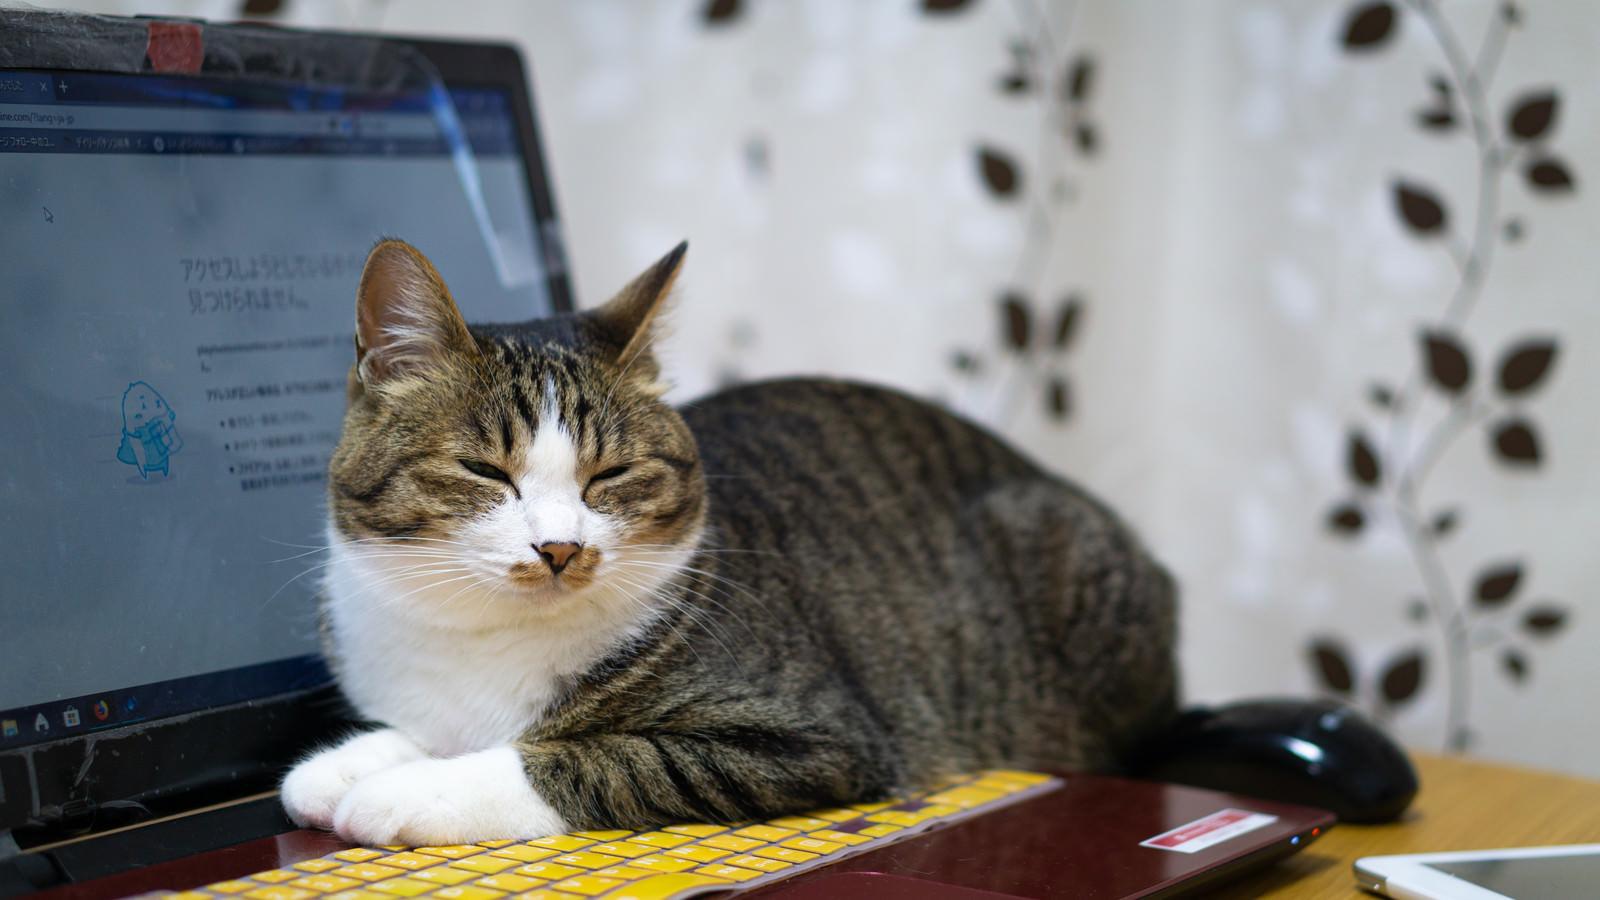 「今忙しいんから話しかけないでもらえますかね(猫)」の写真